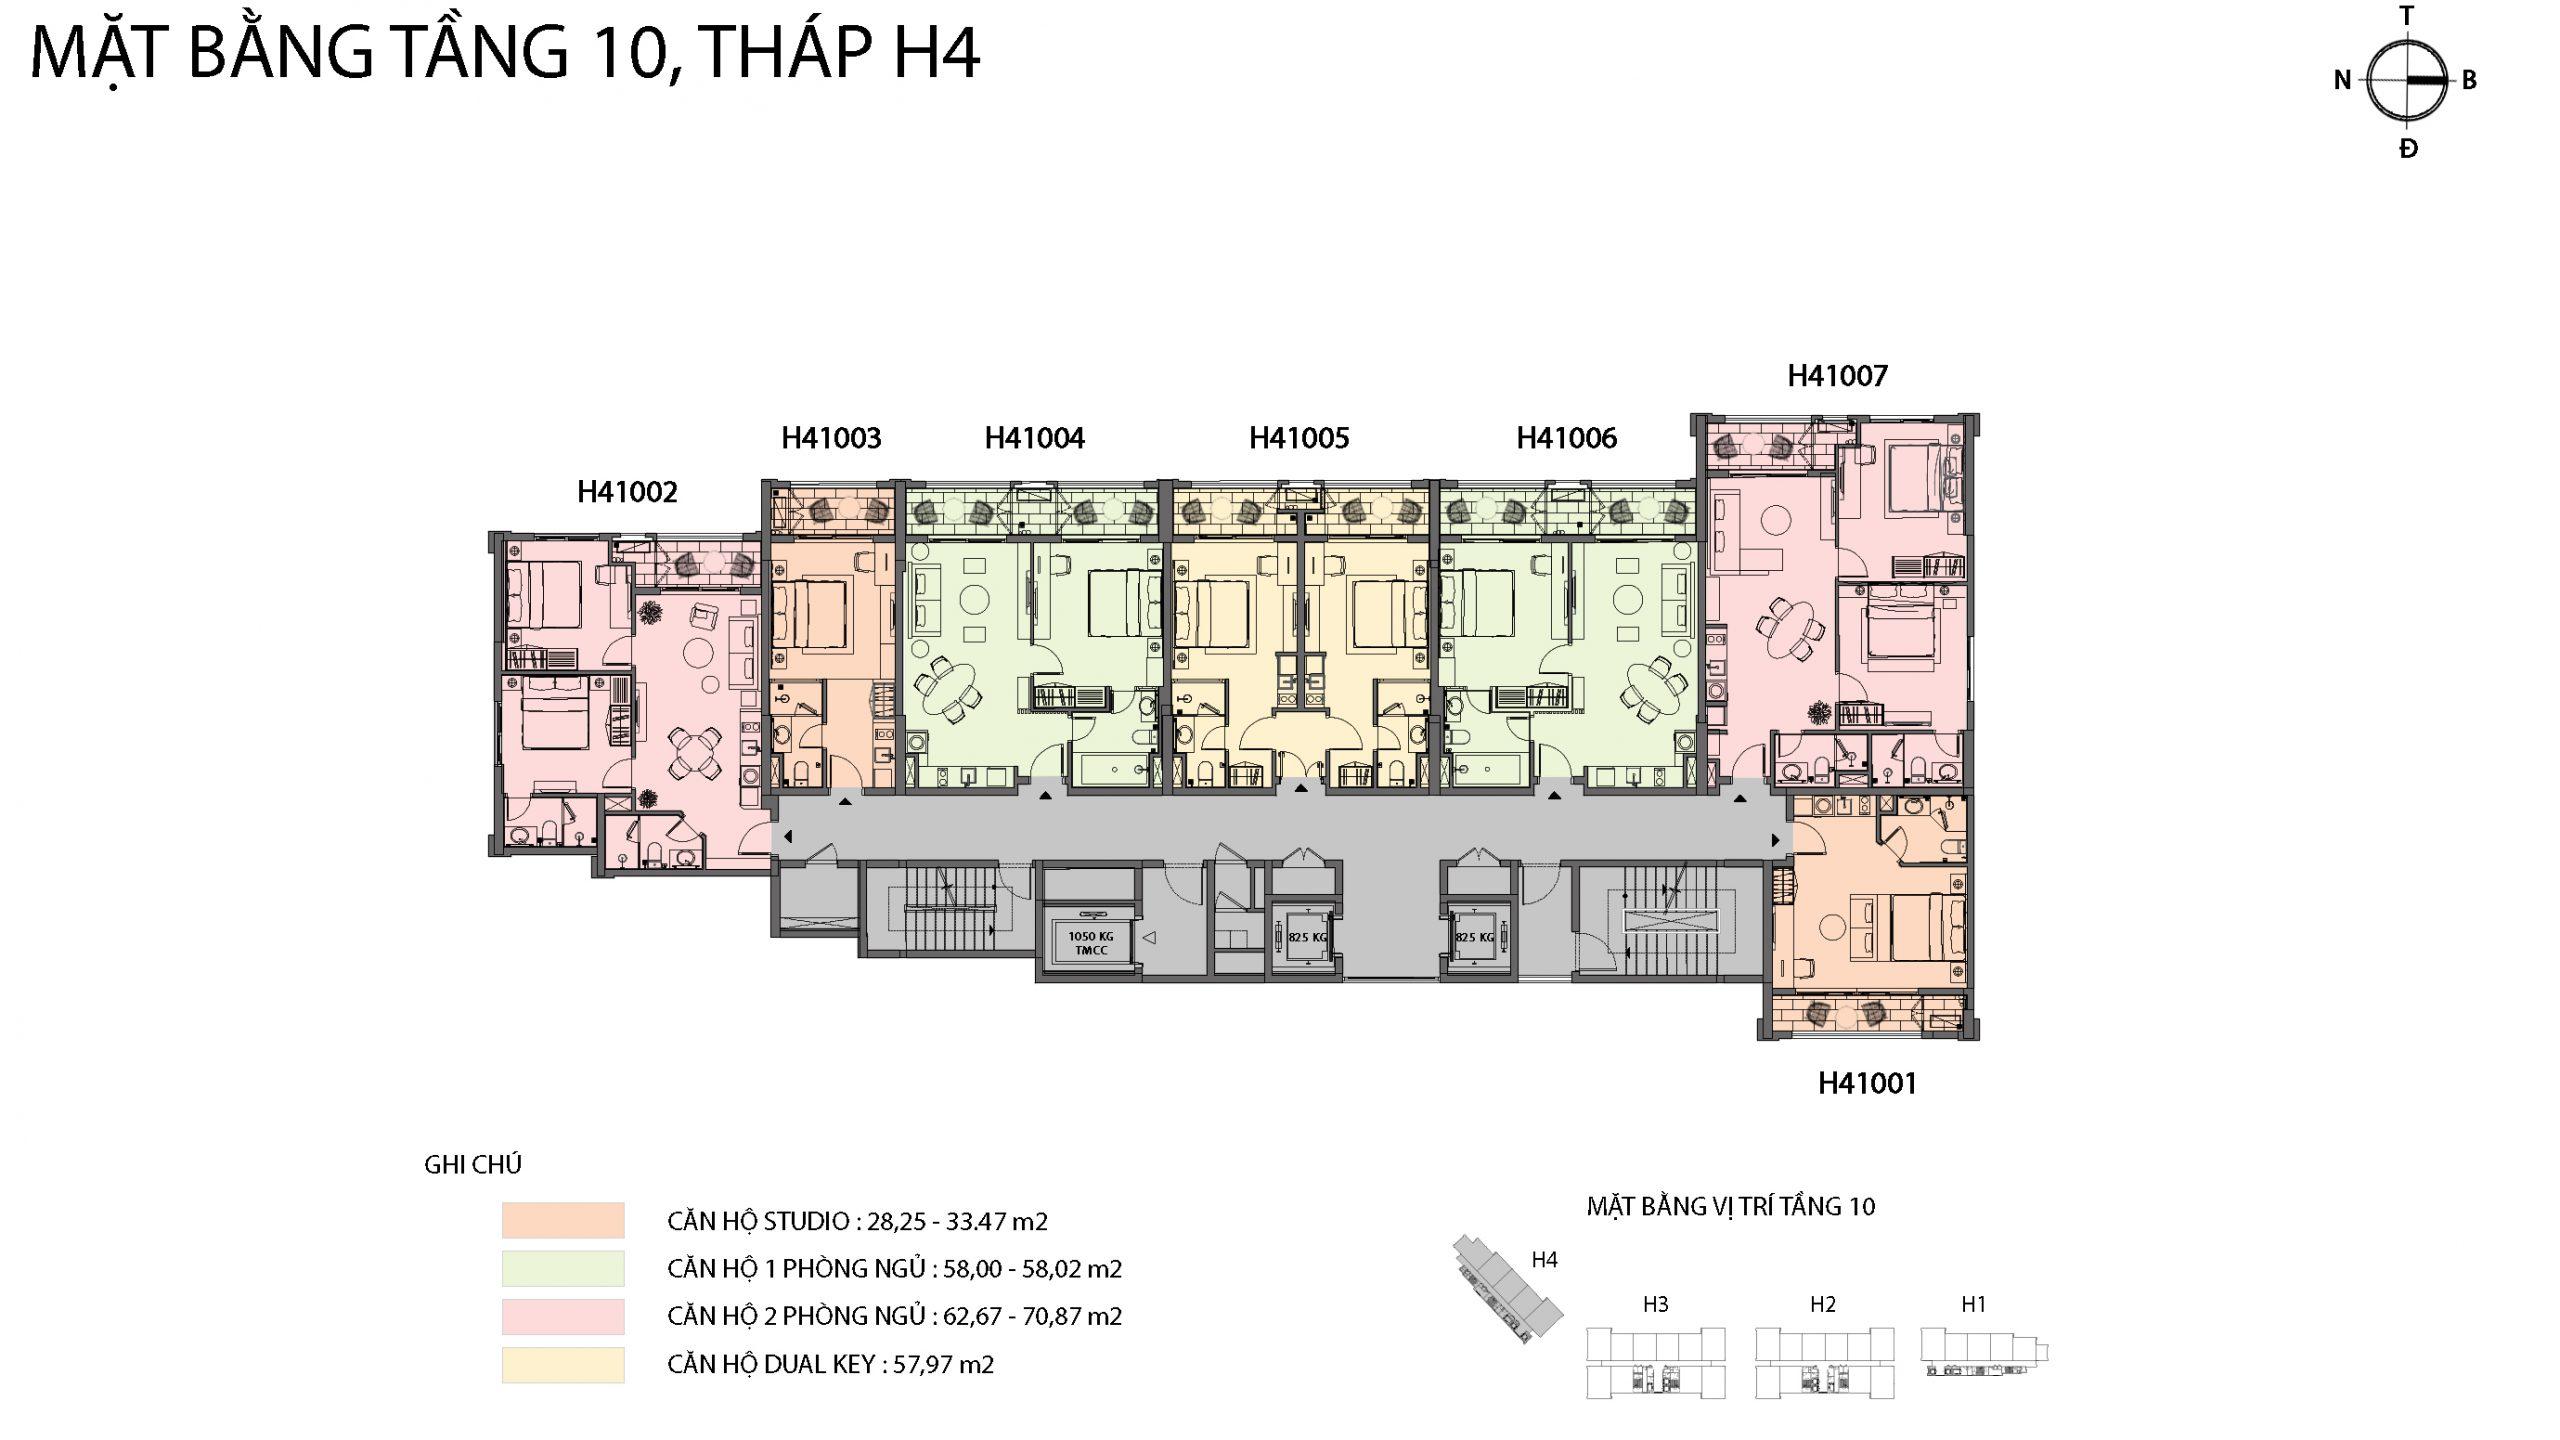 Mặt bằng chi tiết tòa căn hộ H4 - Sun Grand City Hillside Residence 8